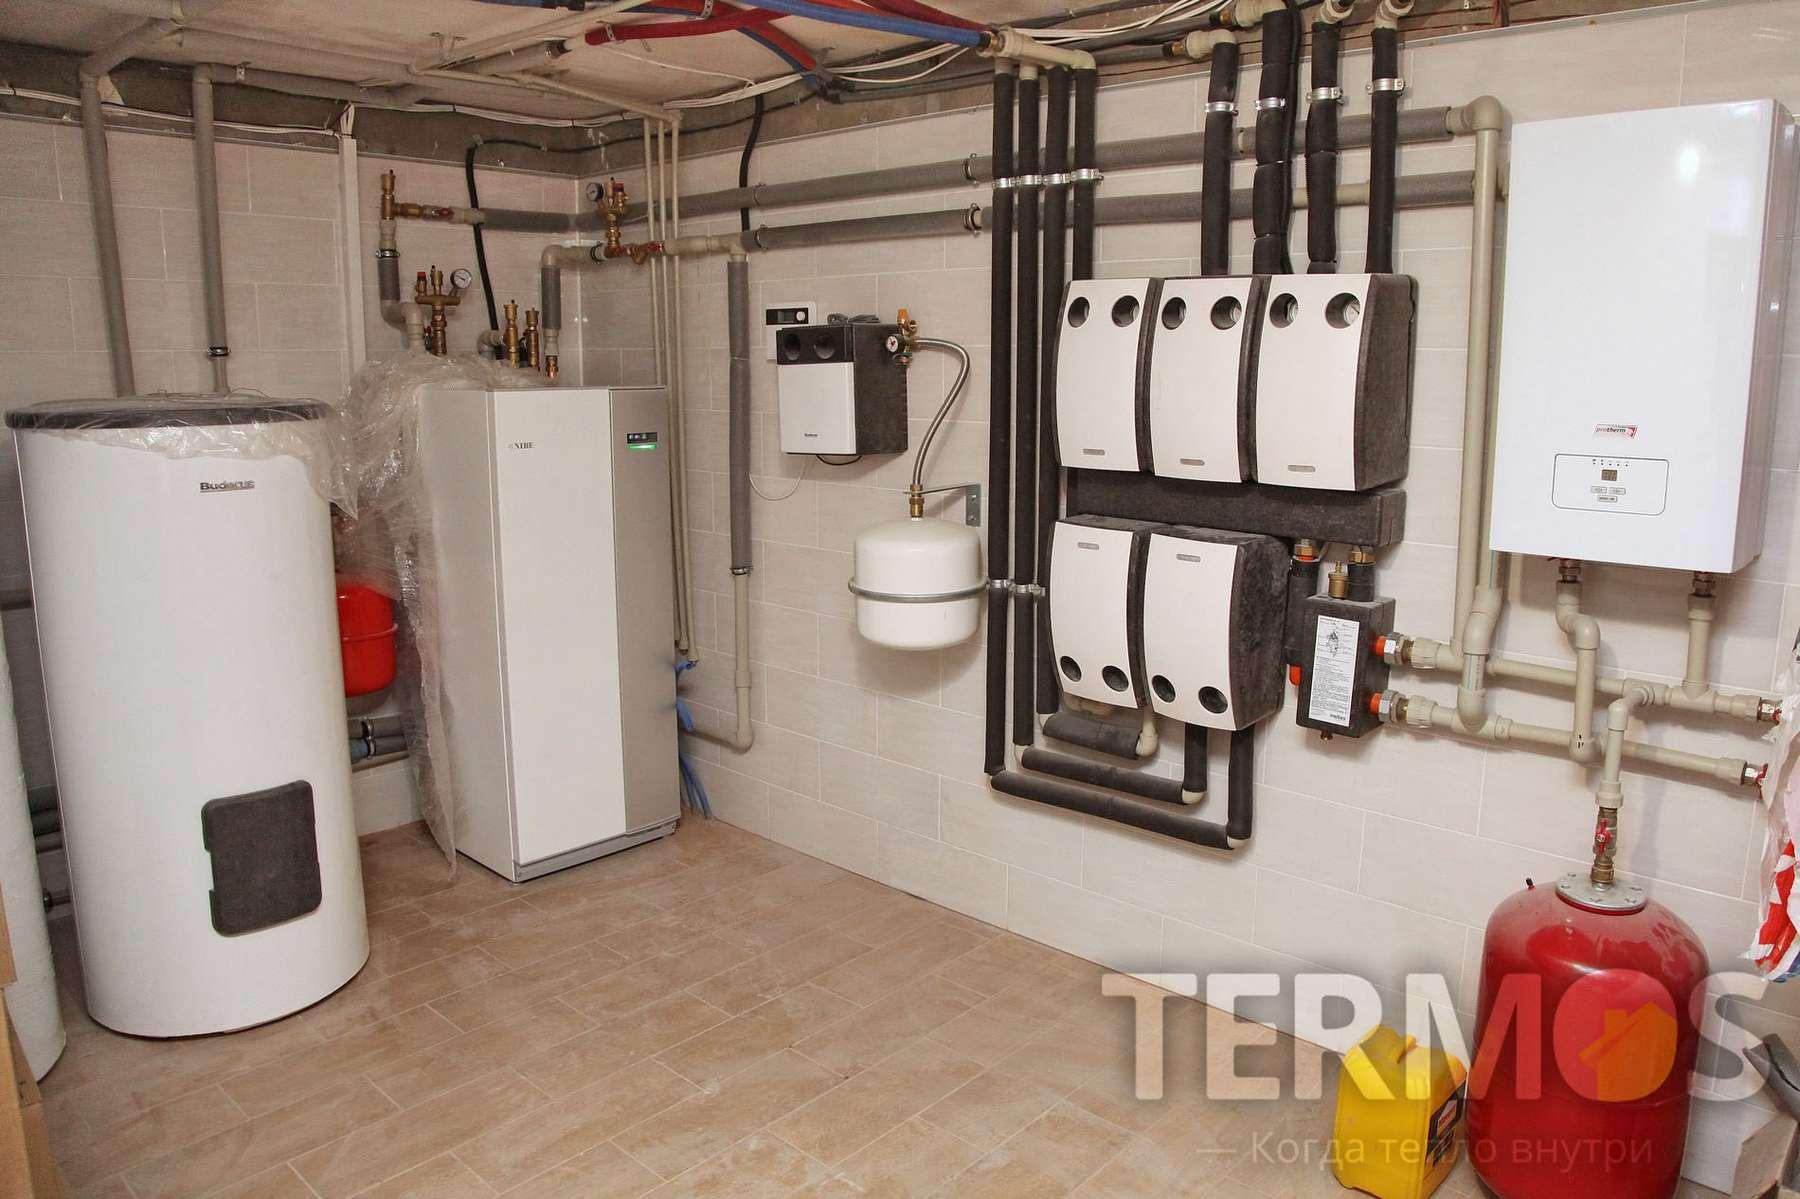 2016 год. Киев. Дом 350 кв м Mодернизация системы отопления - замена газового котла на инверторный геотермальный тепловой насос.